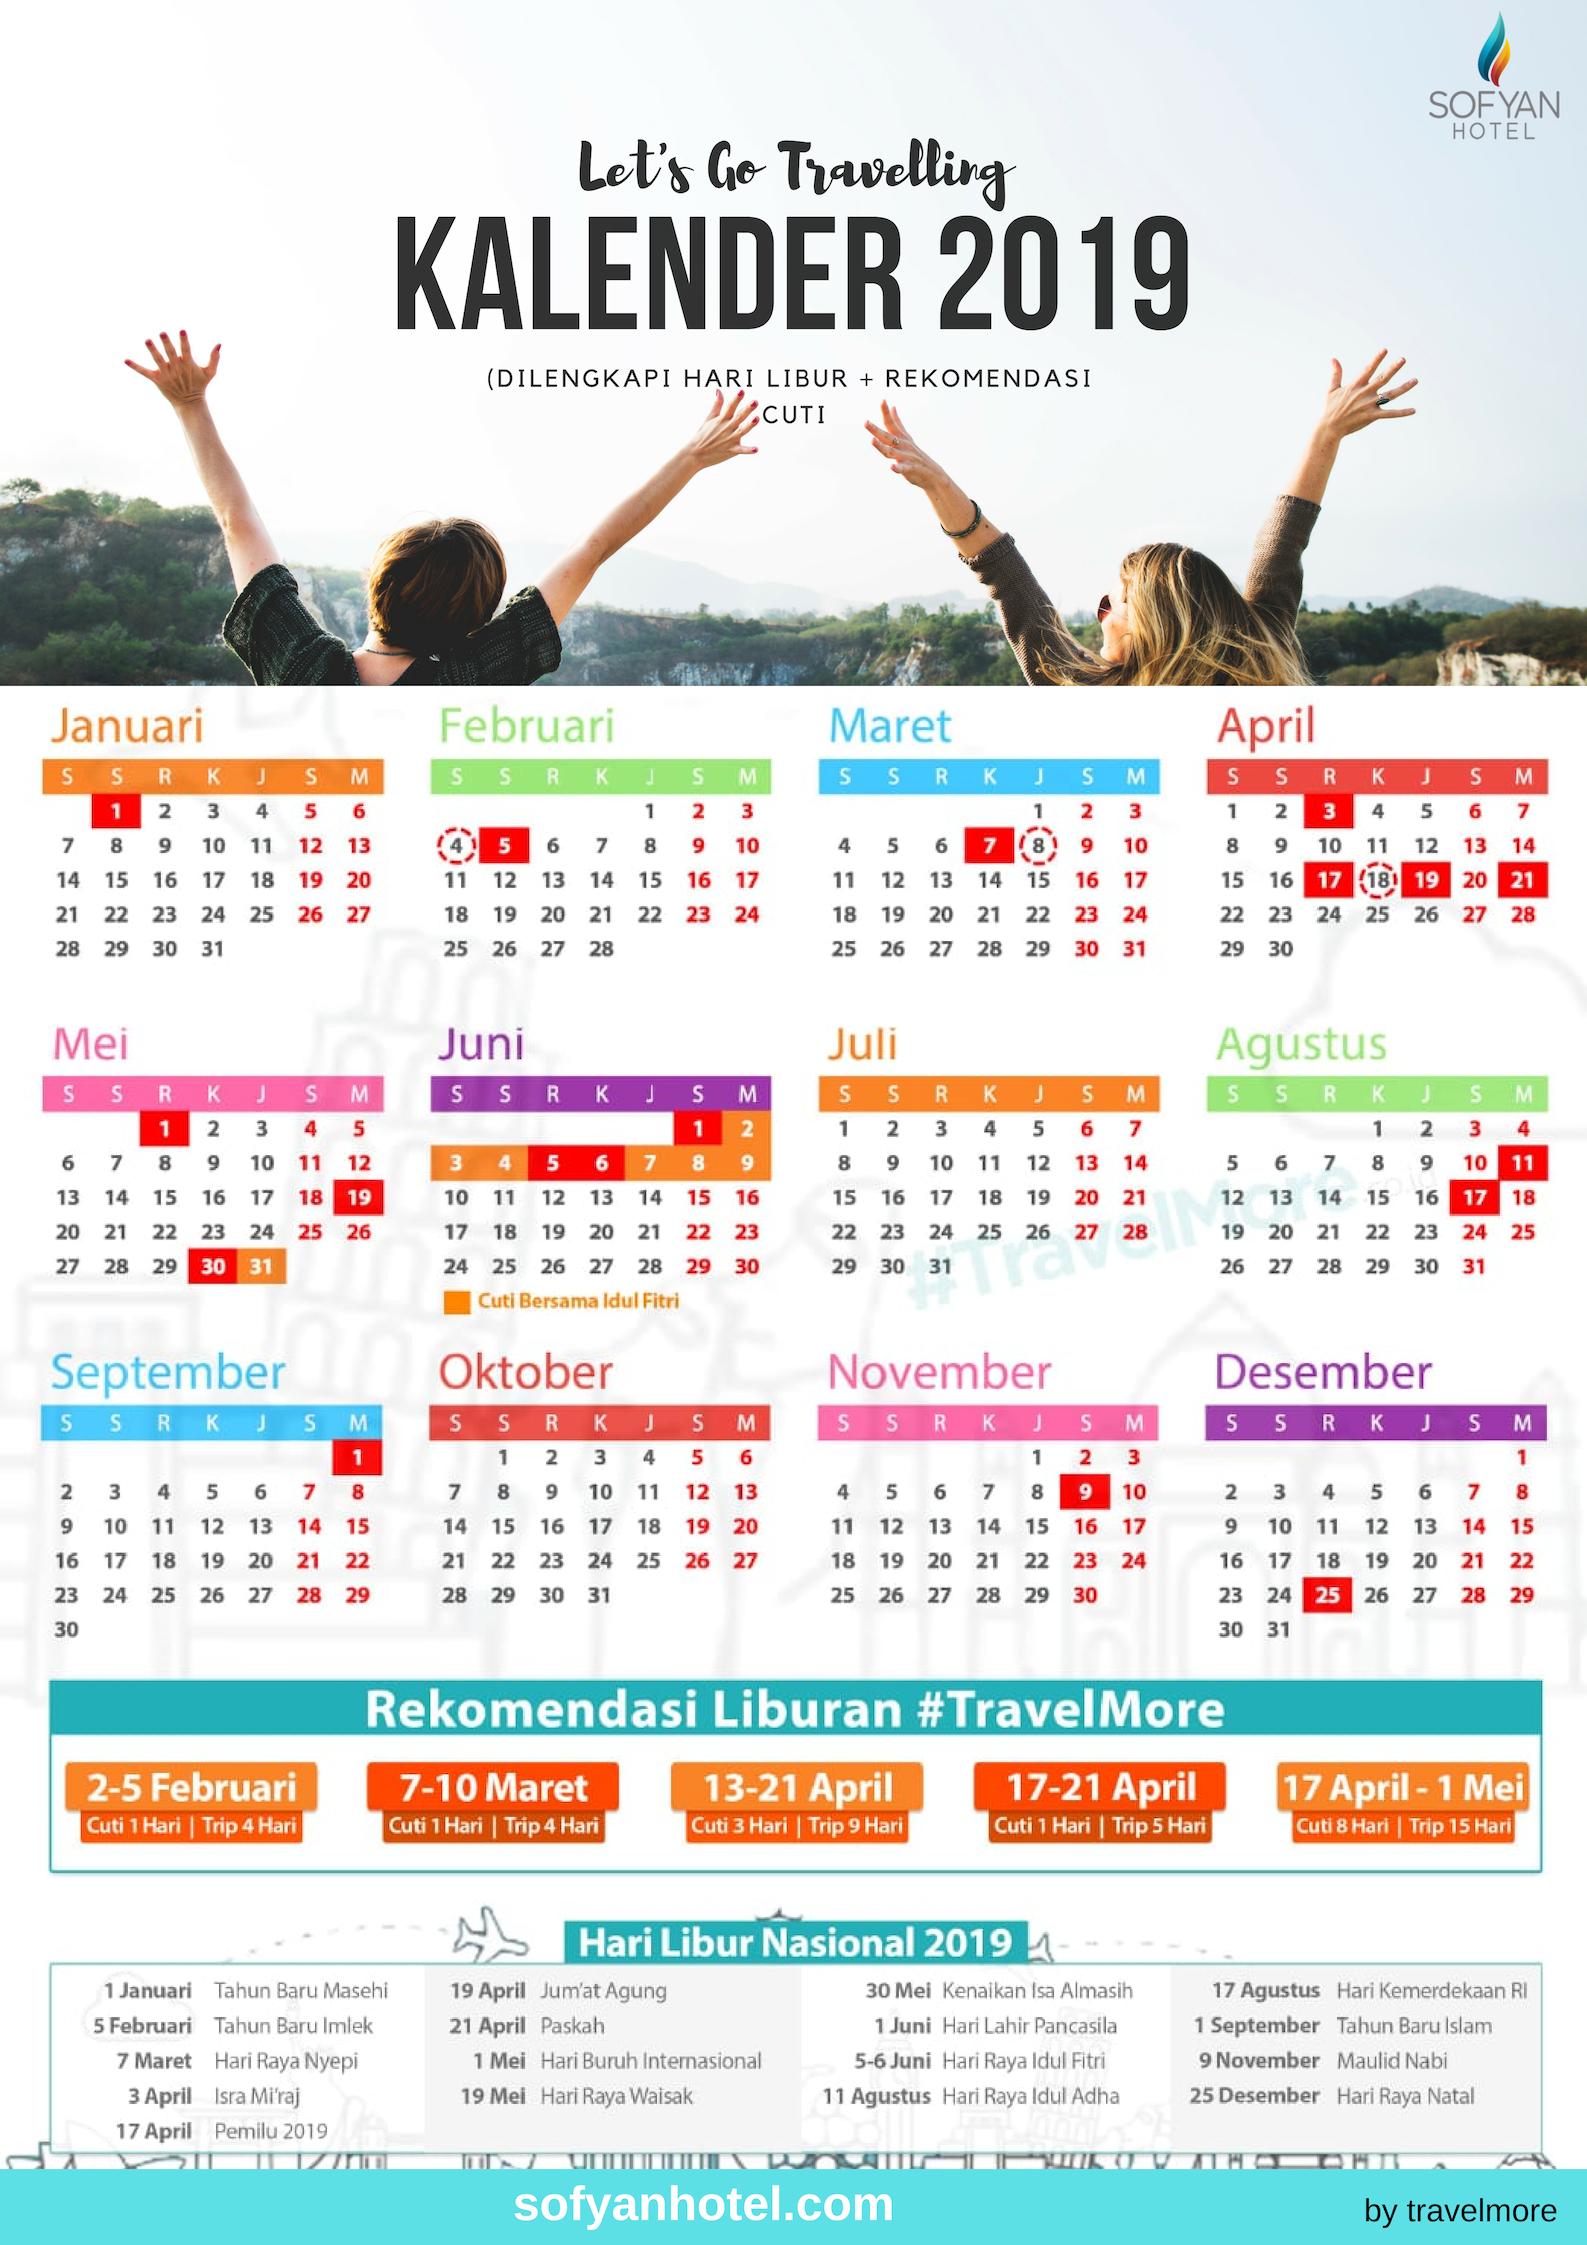 Download Kalender 2019 Libur Rekomendasi Cuti